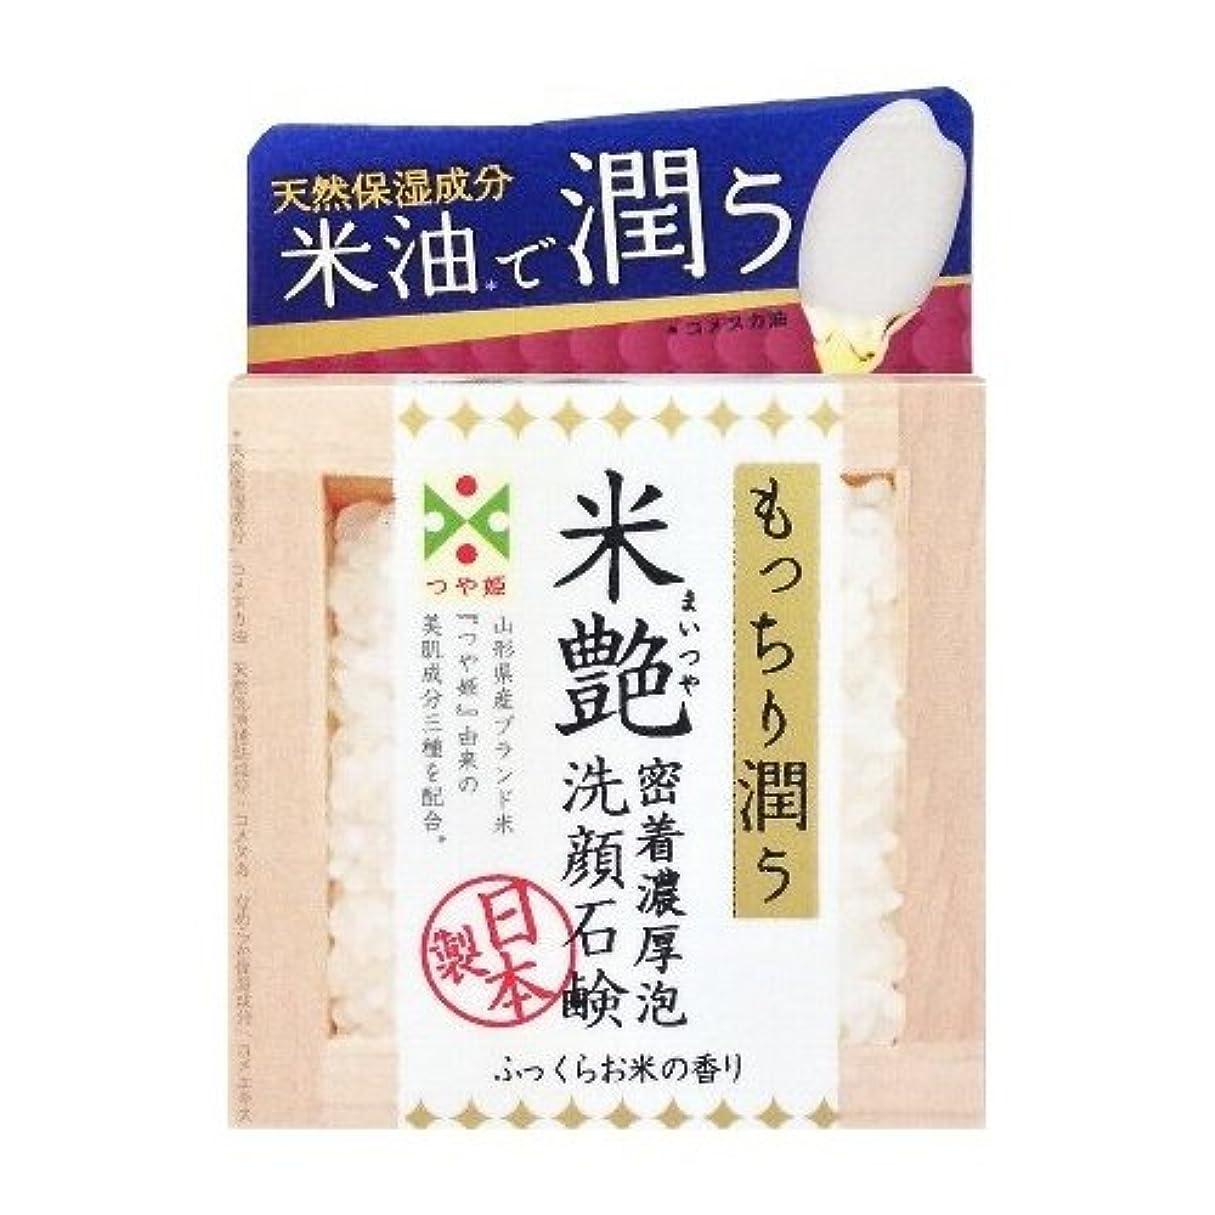 言及する遊びますのペリカン石鹸 米艶洗顔石鹸 100g